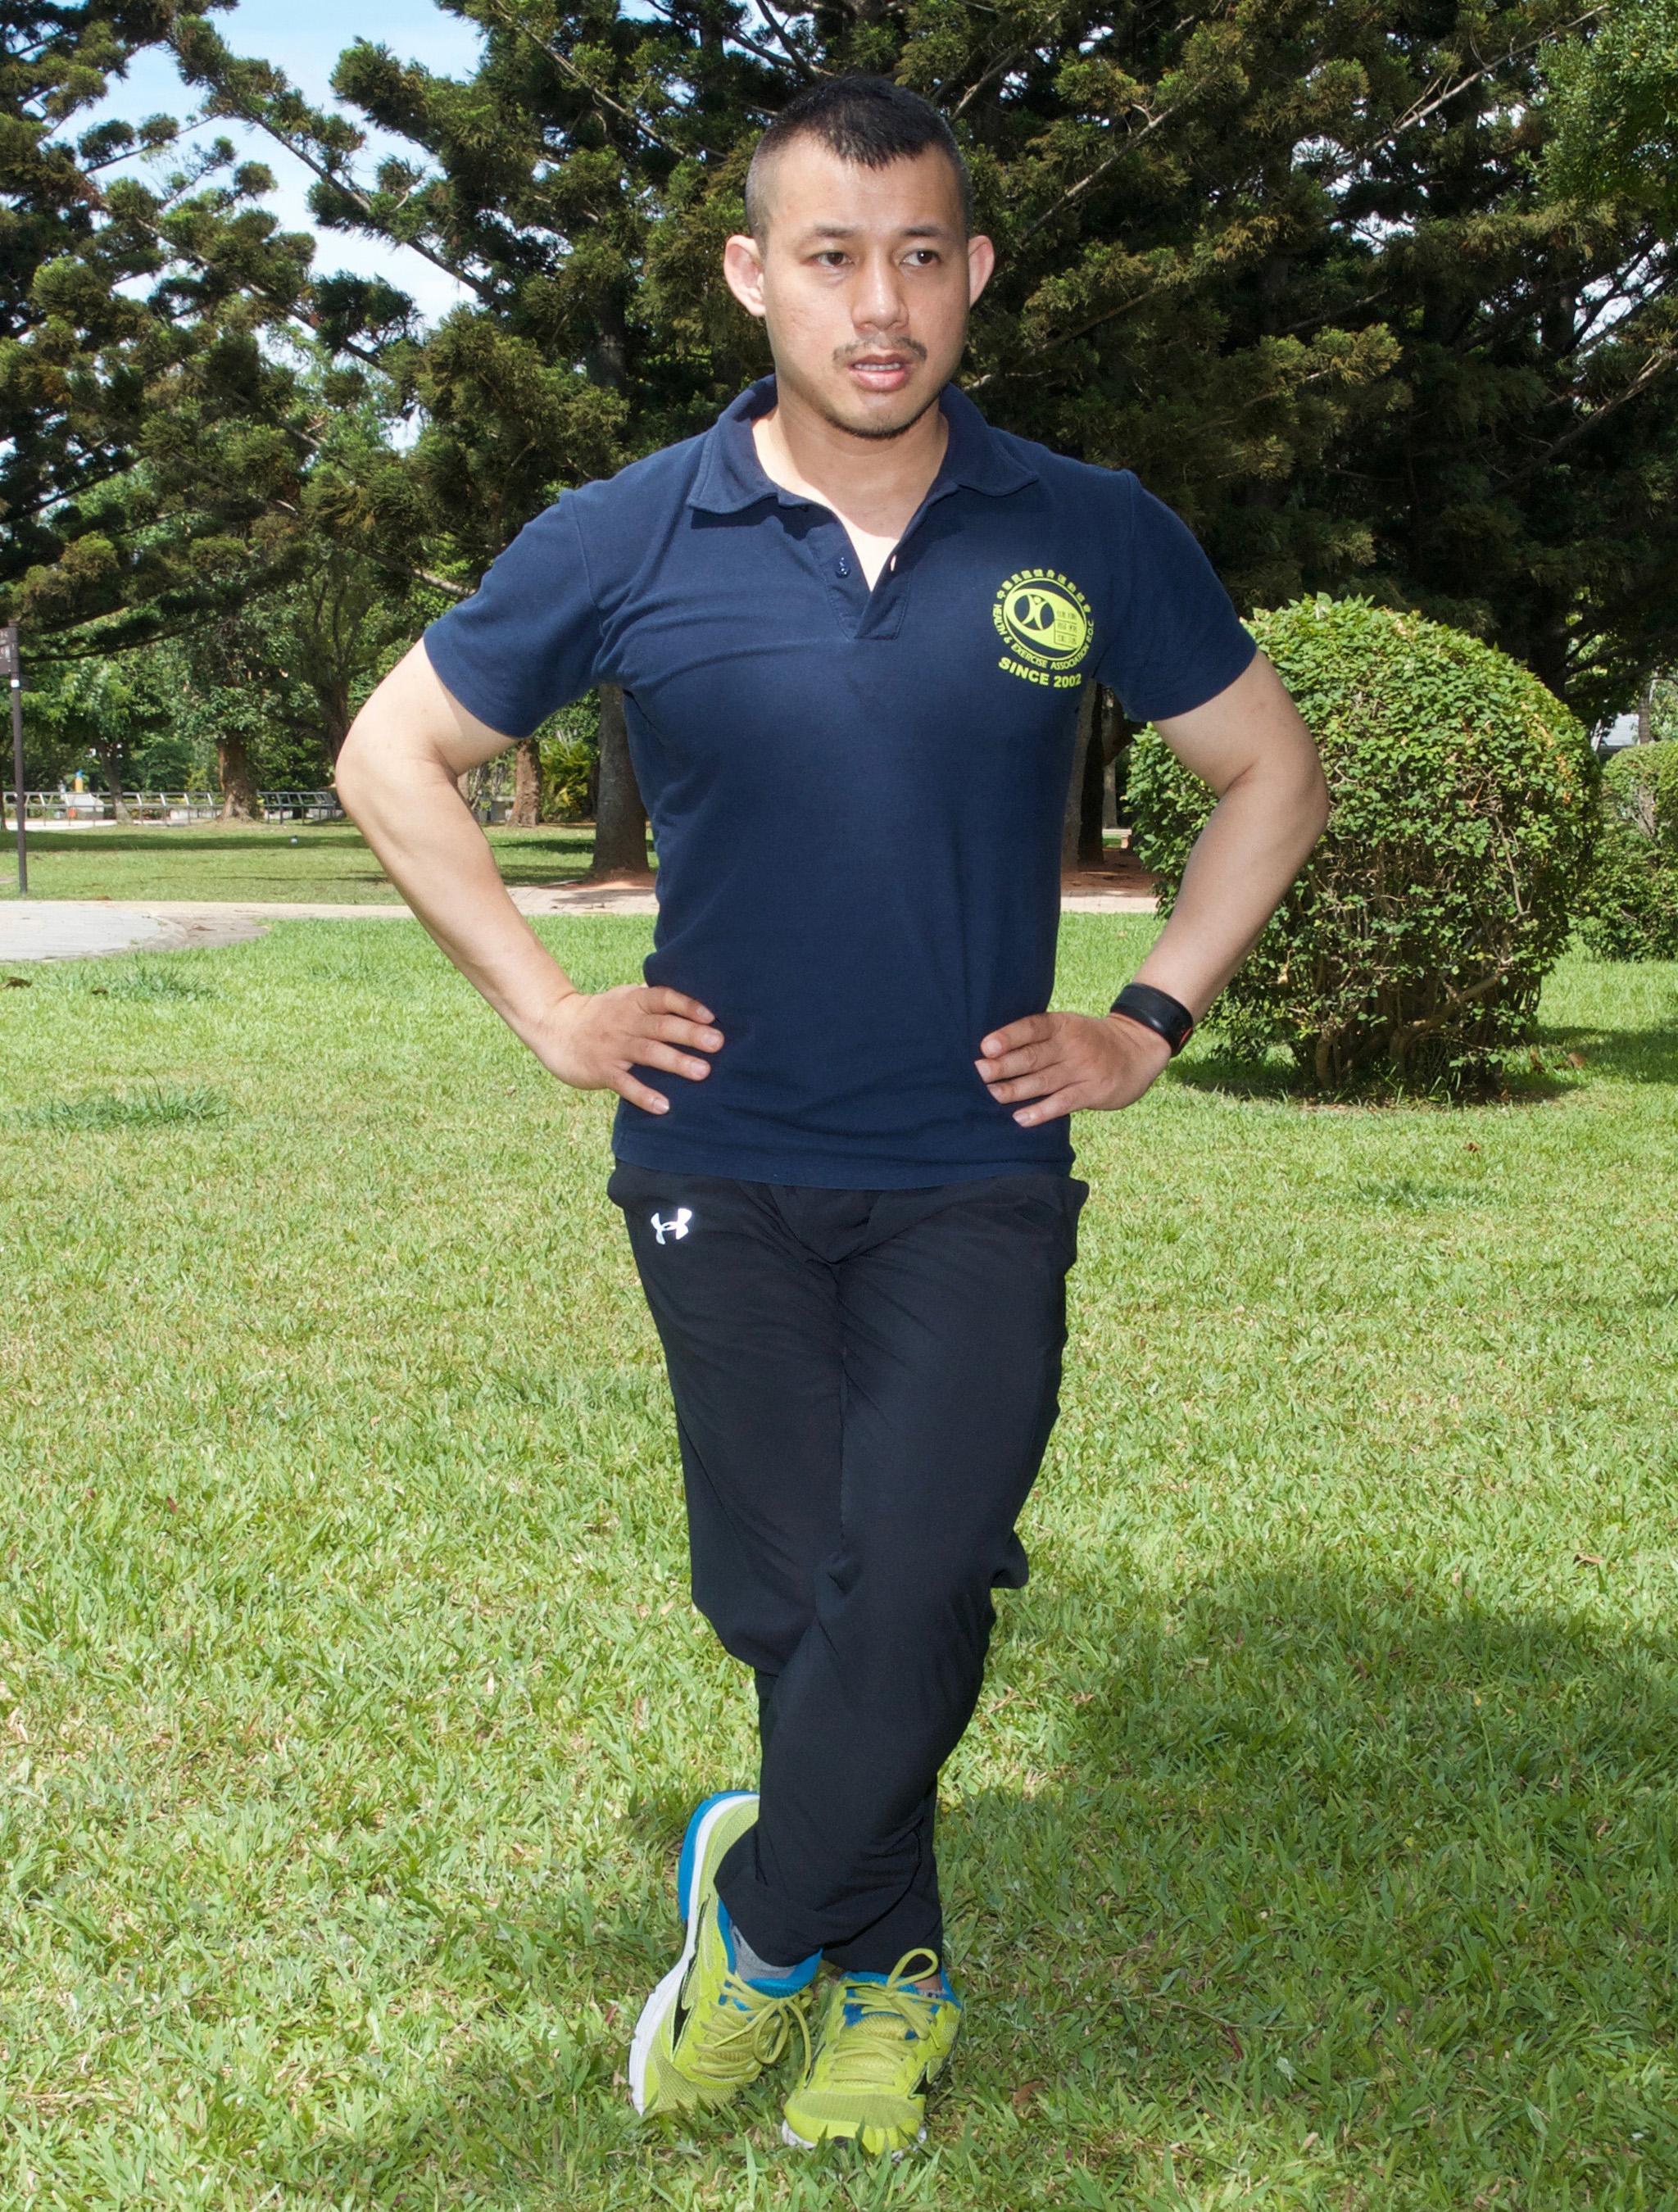 脛骨前肌伸展/加快健走速度時,感覺小腿前側酸痛是正常的現象,應該在一○到二○分鐘後逐漸好轉。可做脛骨前肌伸展,來鬆弛小腿前側。